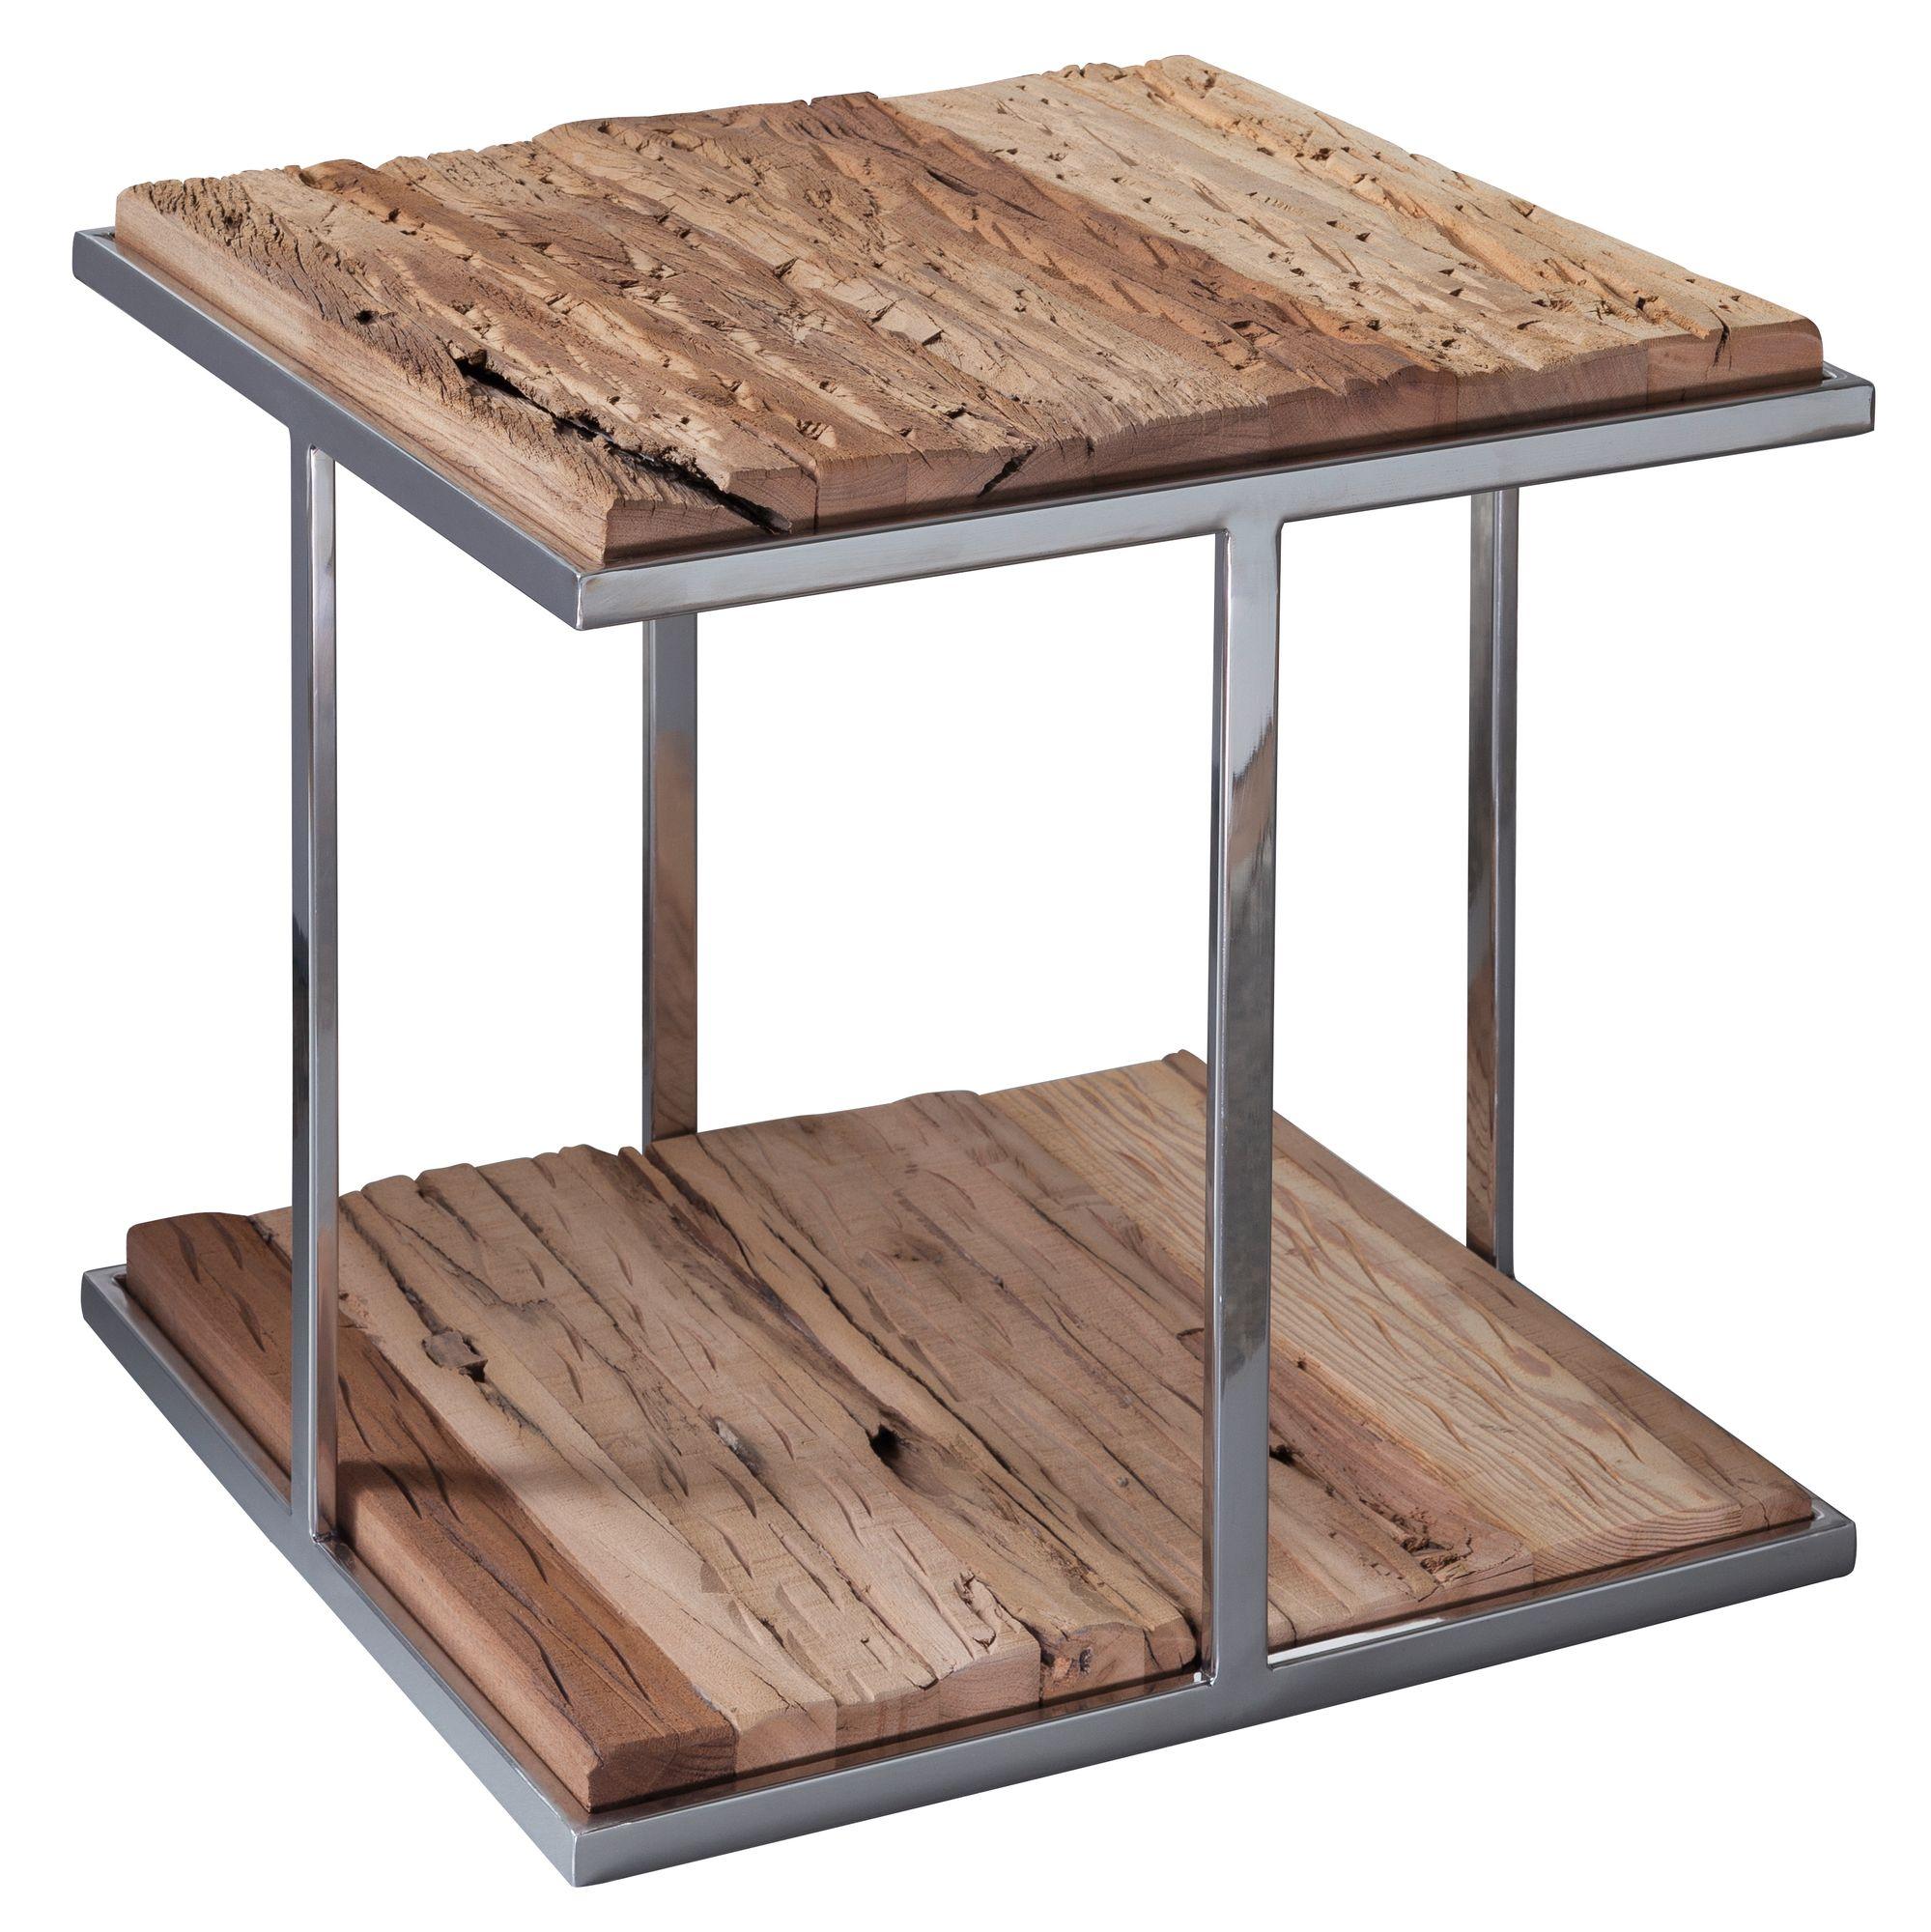 Full Size of Pergola Holz Selber Bauen Rustikaler Couchtisch Eiche Rustikal Metall Tisch Bodengleiche Dusche Nachträglich Einbauen Regal Massivholz Esstische Bad Wohnzimmer Pergola Holz Selber Bauen